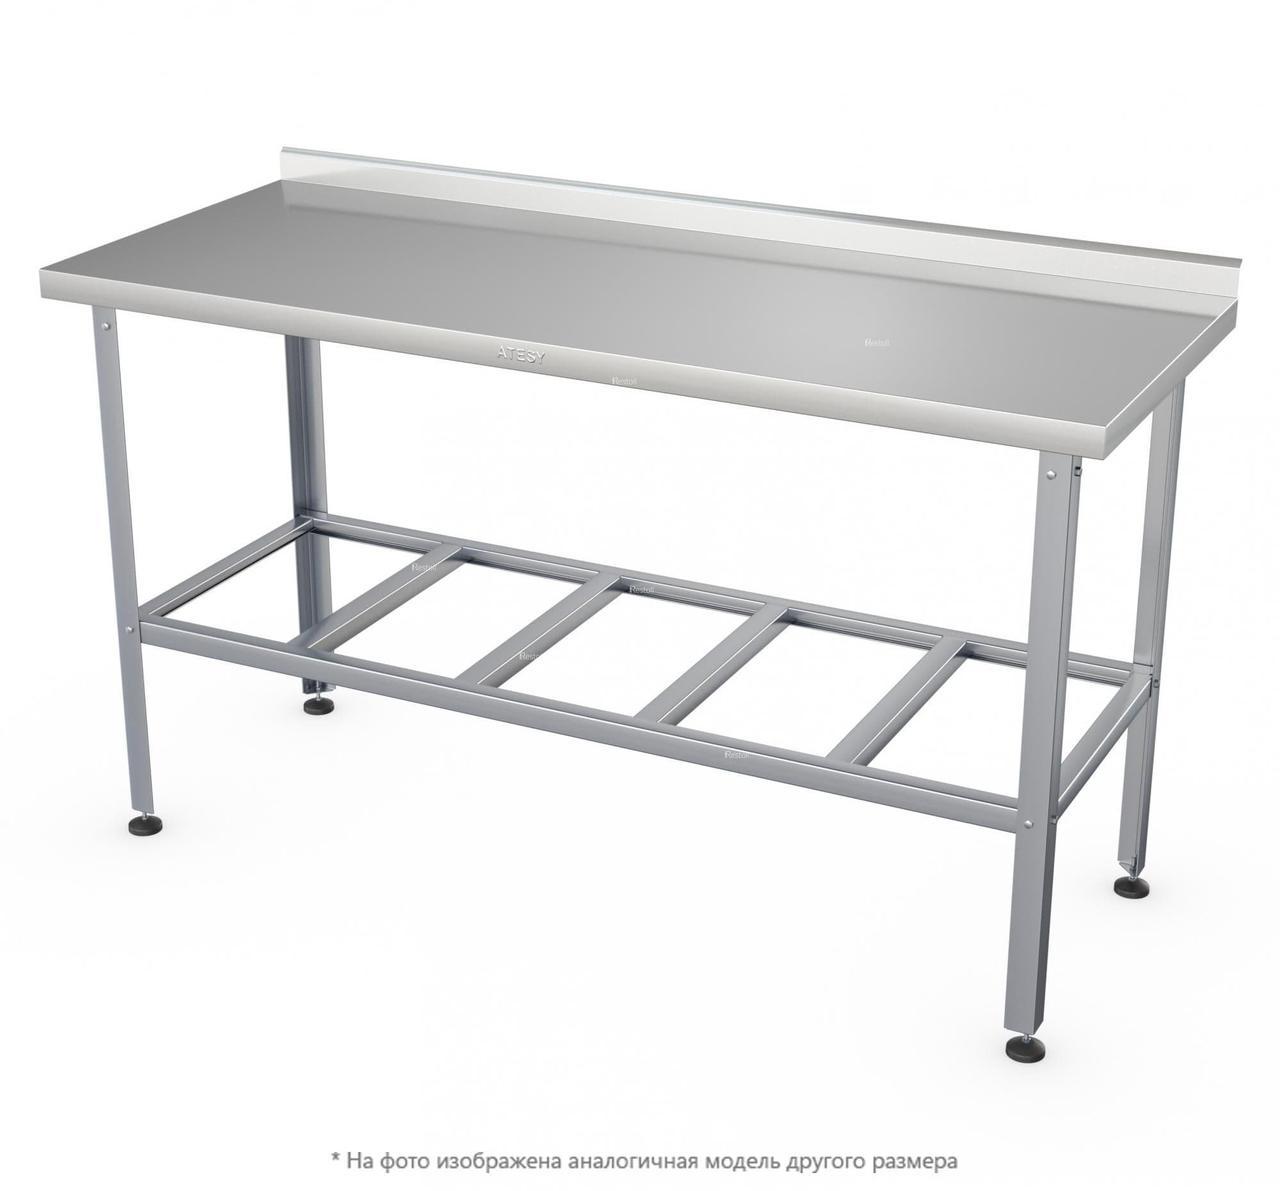 Стол производственный Atesy СР-3/600/600